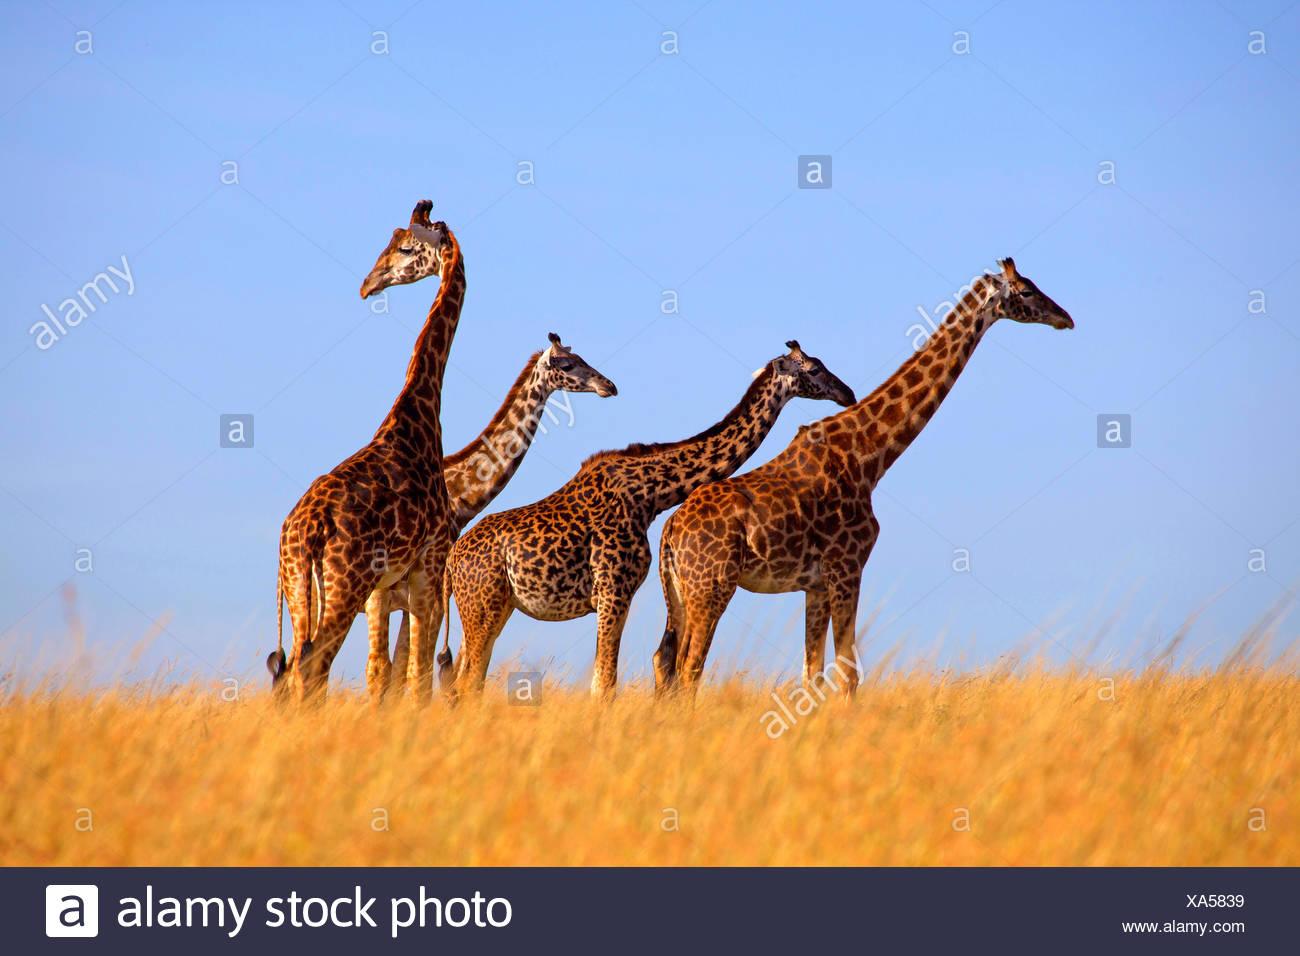 Masai giraffe (Giraffa camelopardalis tippelskirchi), four giraffes stand in savannah, Kenya, Masai Mara National Park - Stock Image